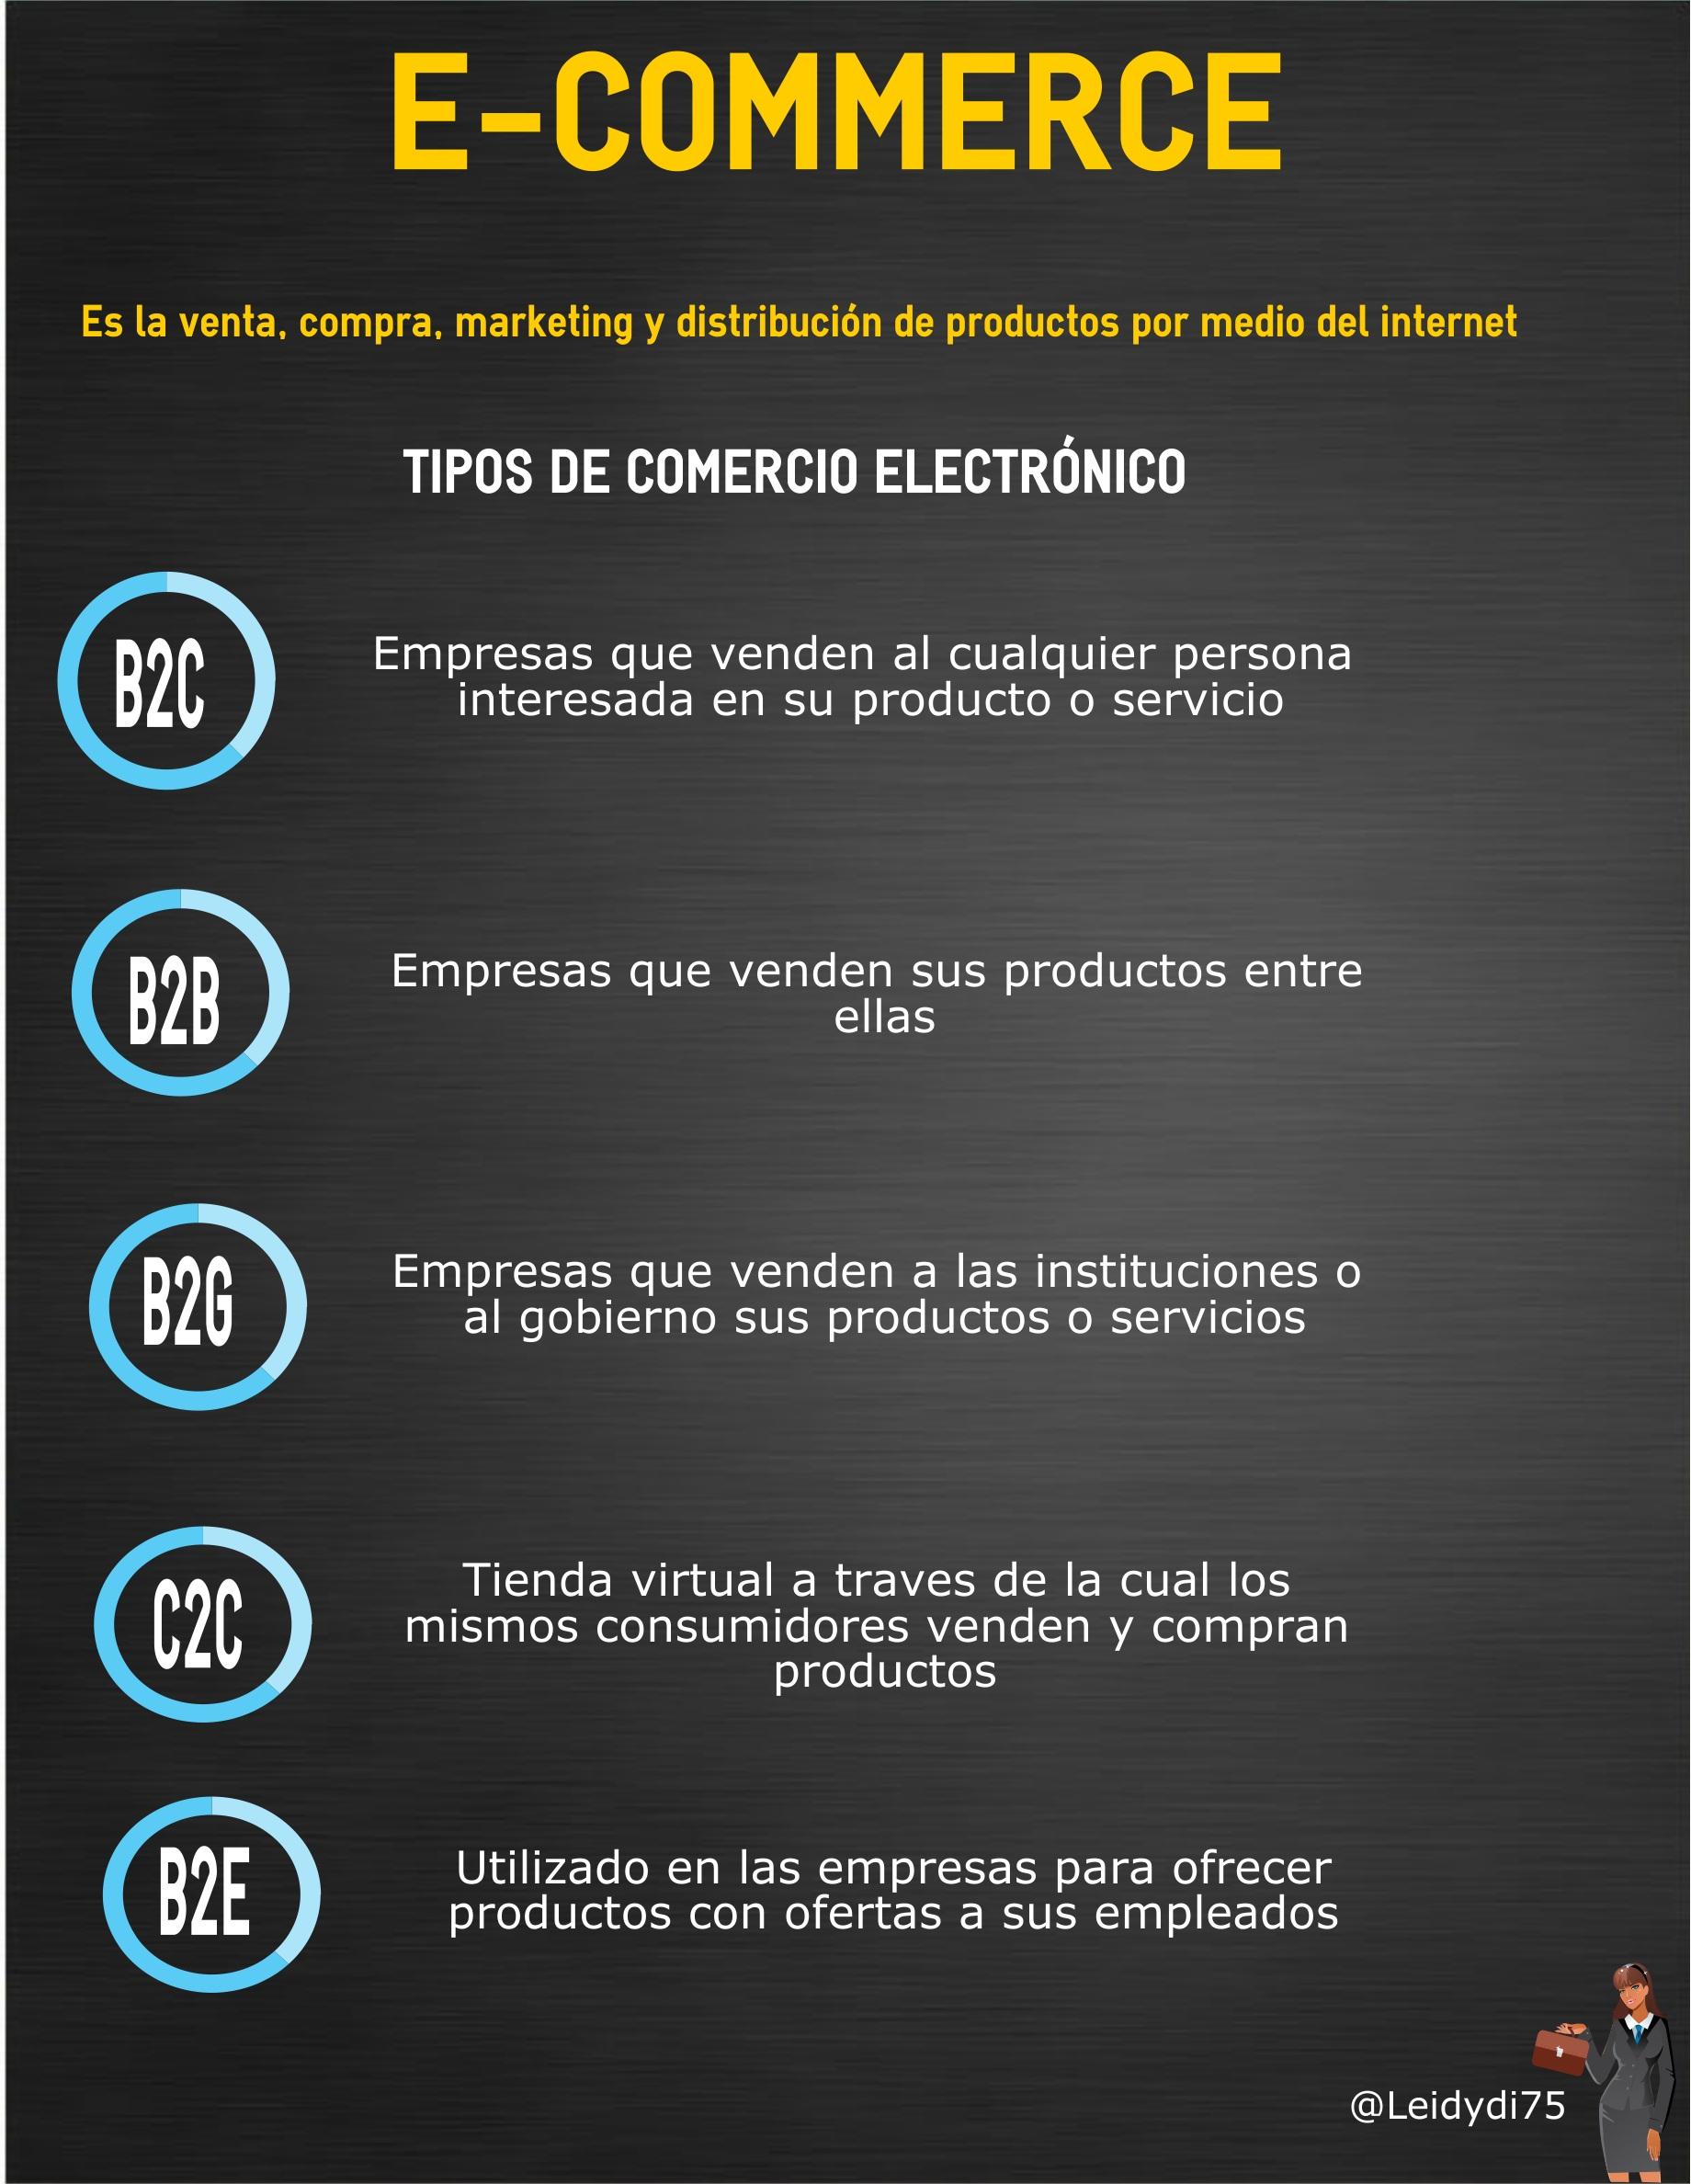 infografia-e-commerce